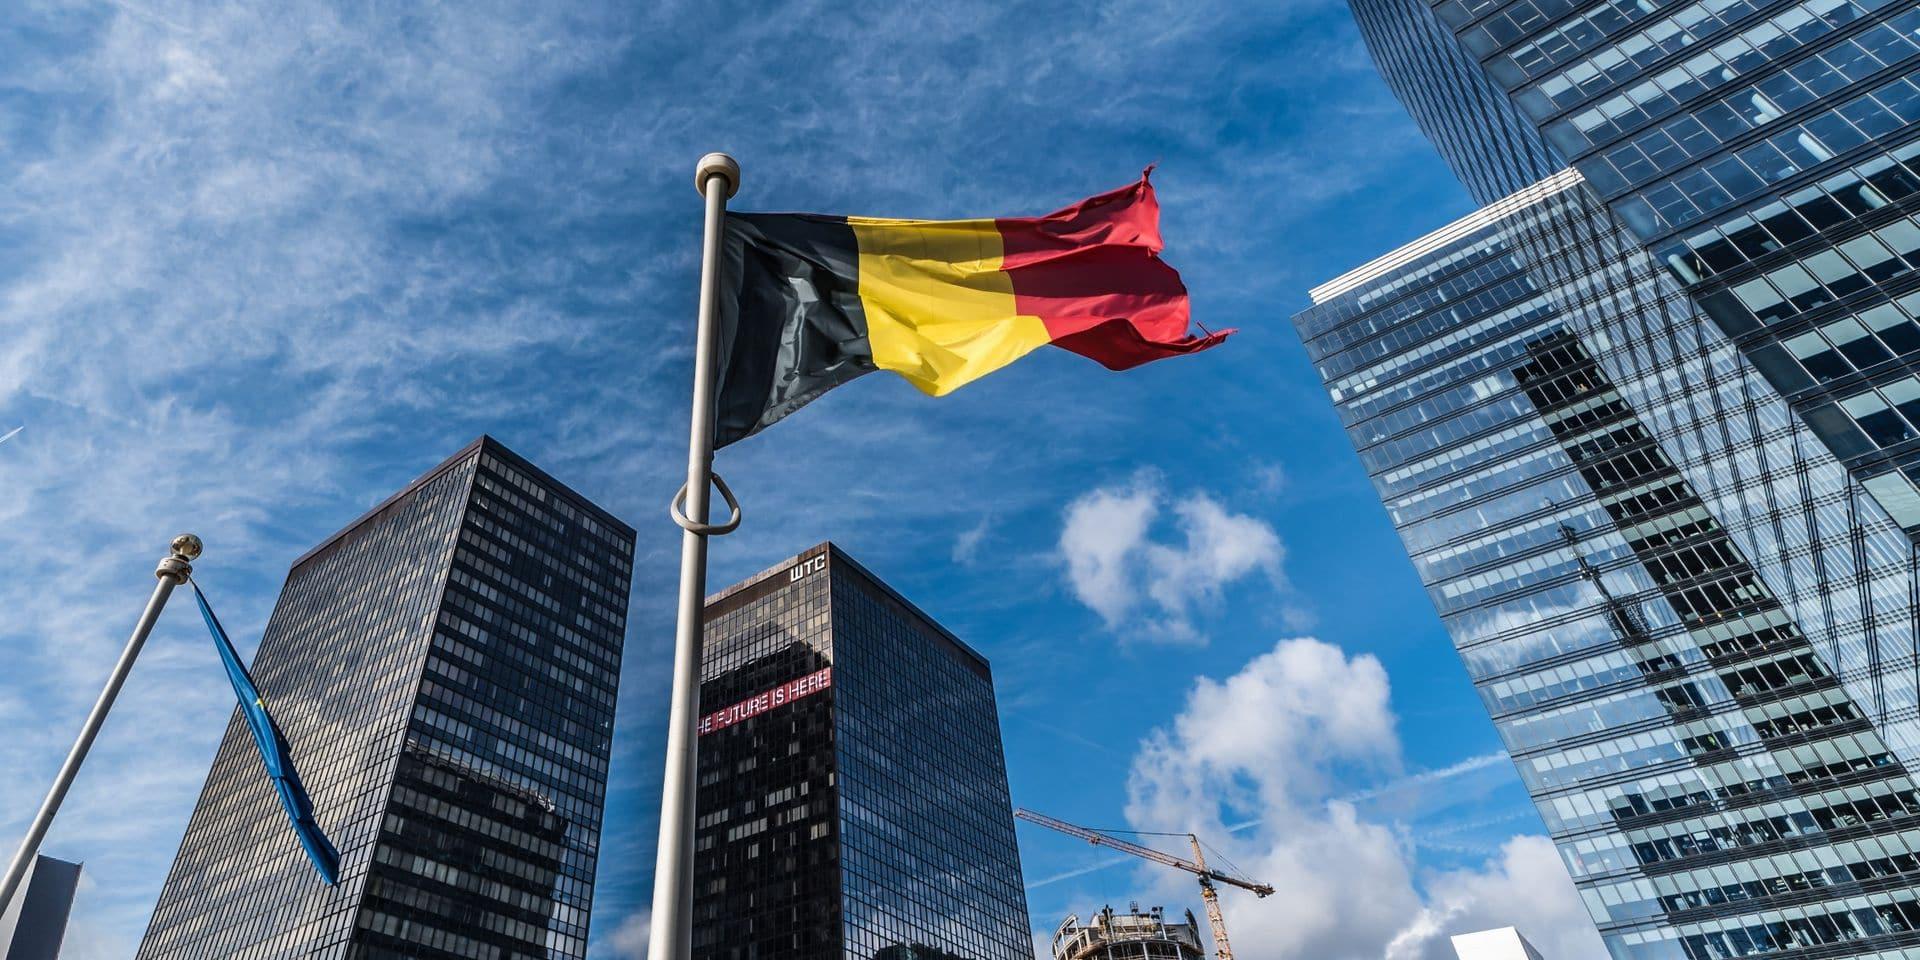 Climat: Avec son plan de relance, la Belgique figure parmi les meilleurs élèves européens